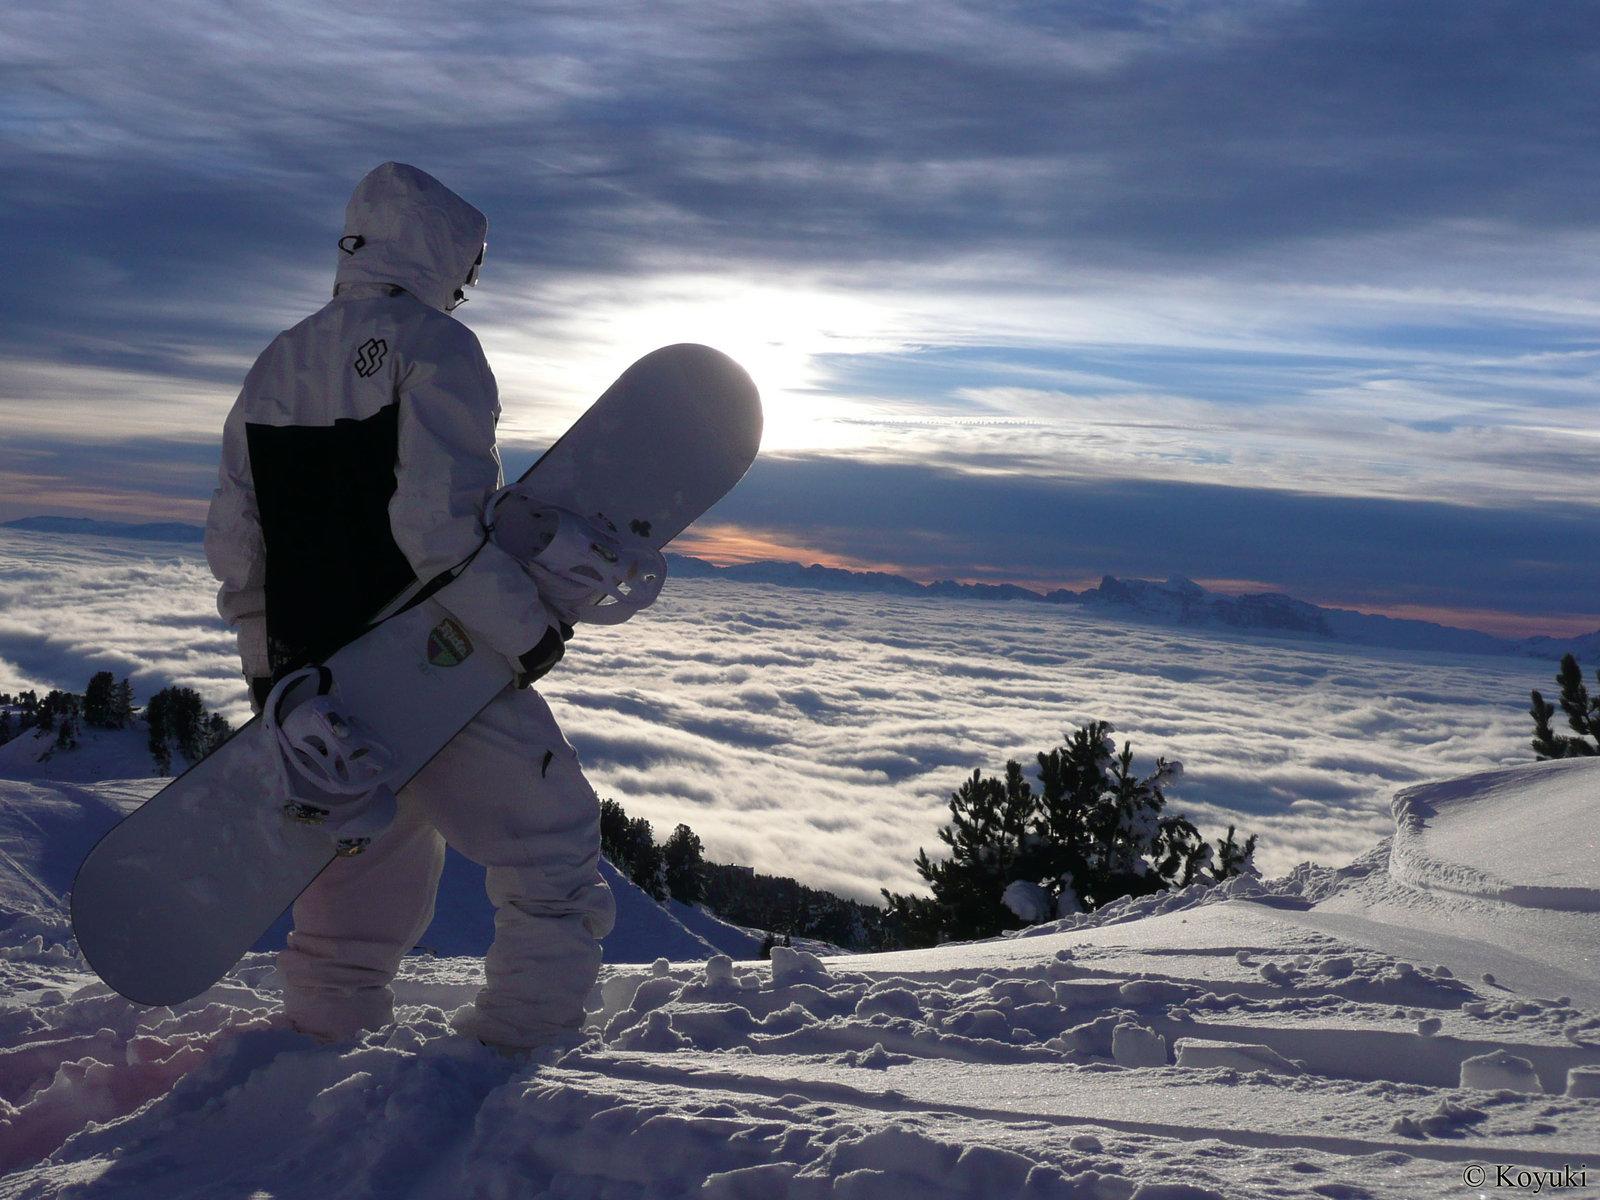 сноубордист с доской, фото, обои для рабочего стола